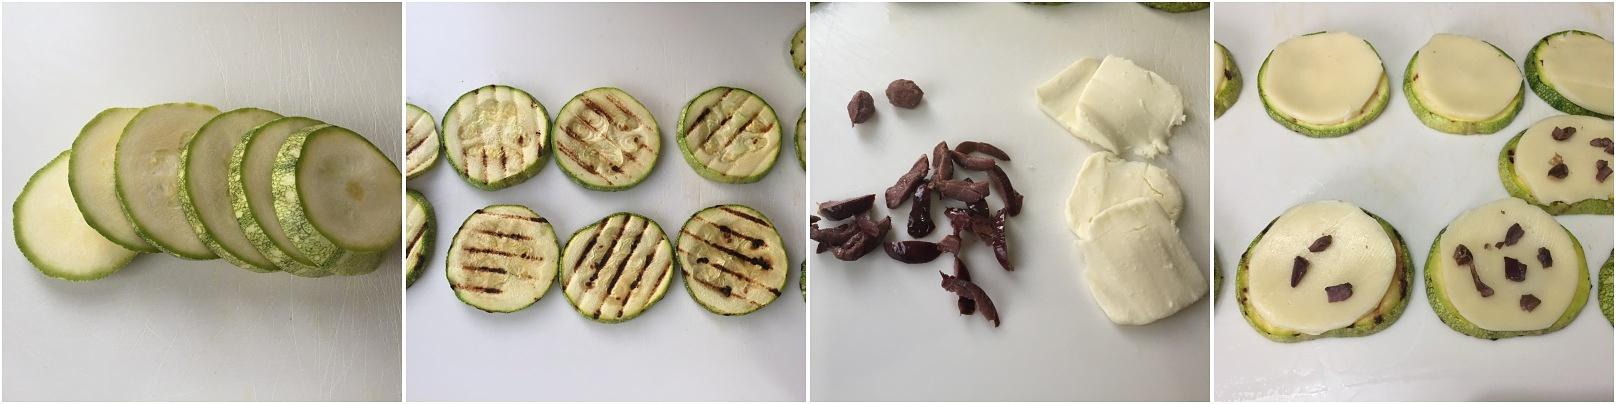 preparazione torrette di zucchine tonde al formaggio e olive